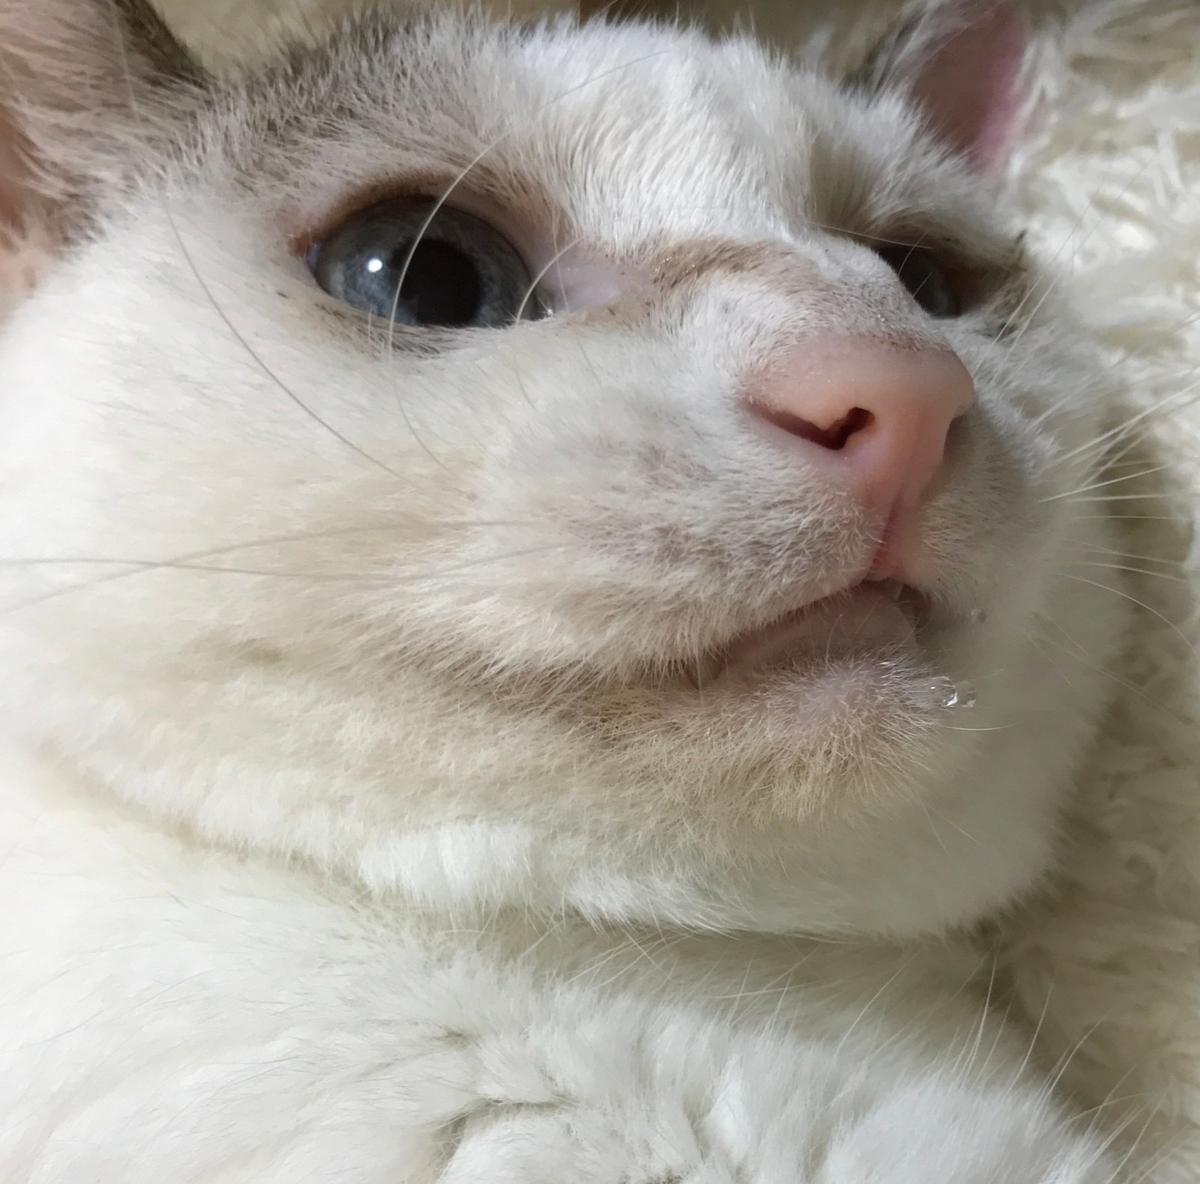 f:id:maricats:20201020200553j:plain